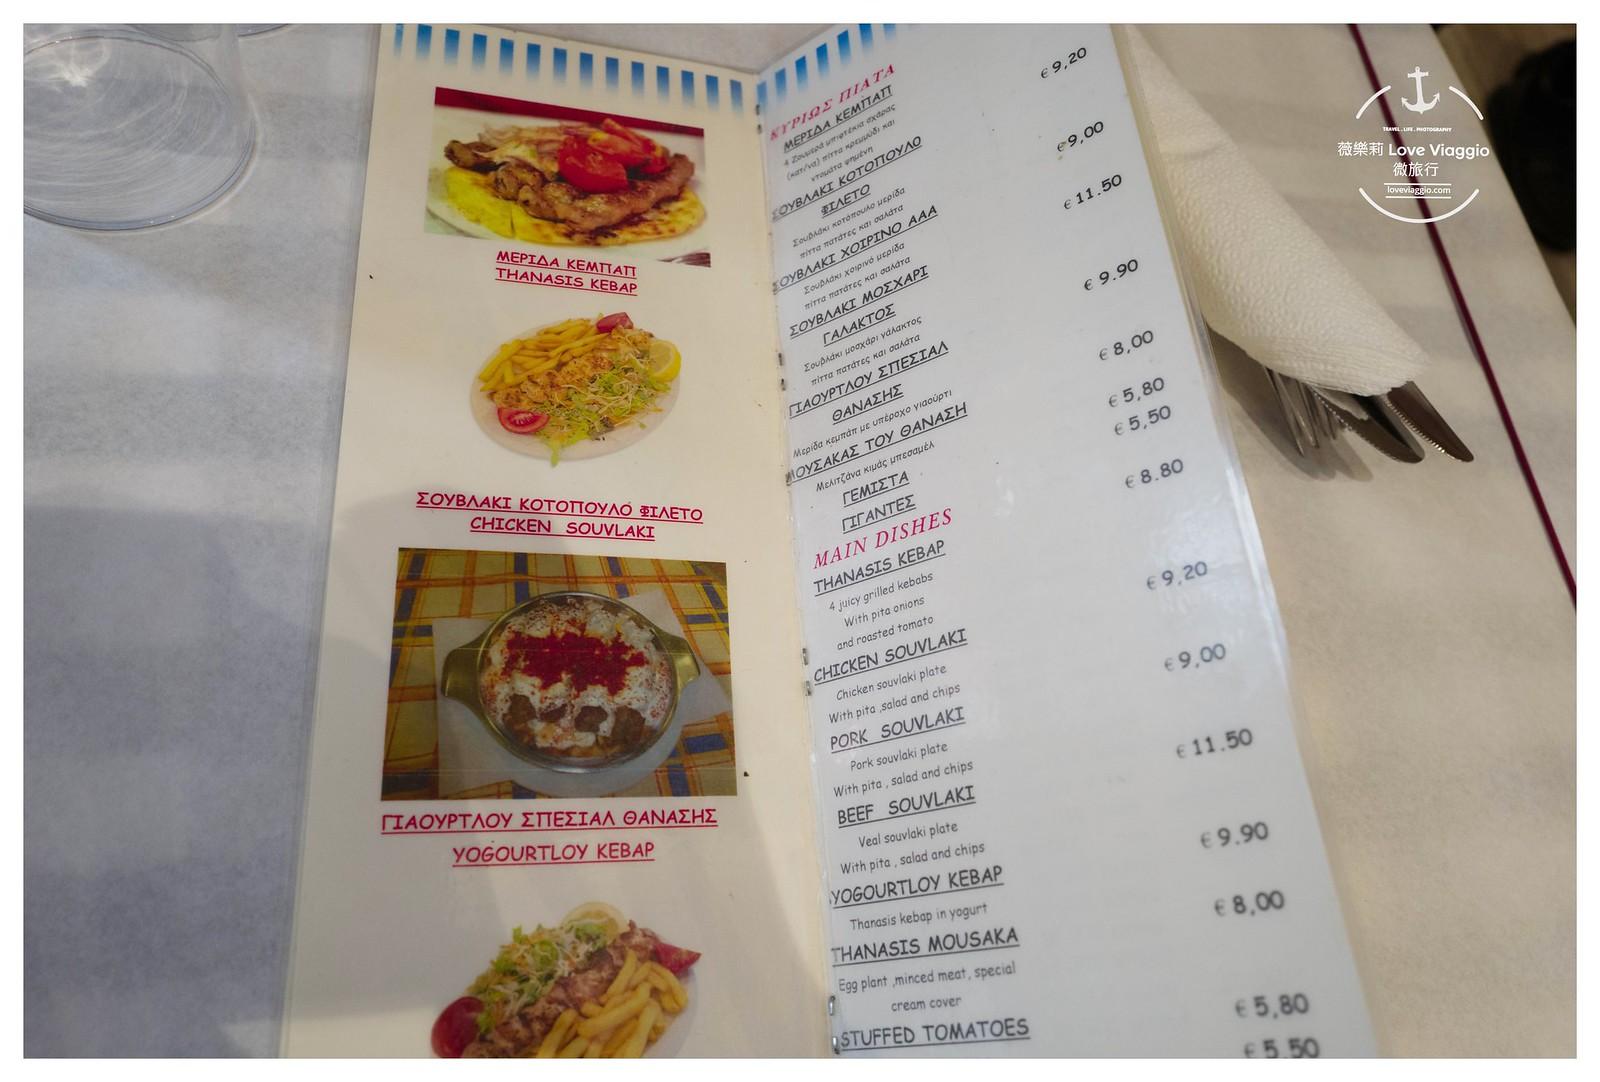 【希臘 Greece】O Thanasis Kebab品嚐國民美食希臘烤肉Souvlaki 雅典推薦烤肉餐廳 @薇樂莉 Love Viaggio | 旅行.生活.攝影